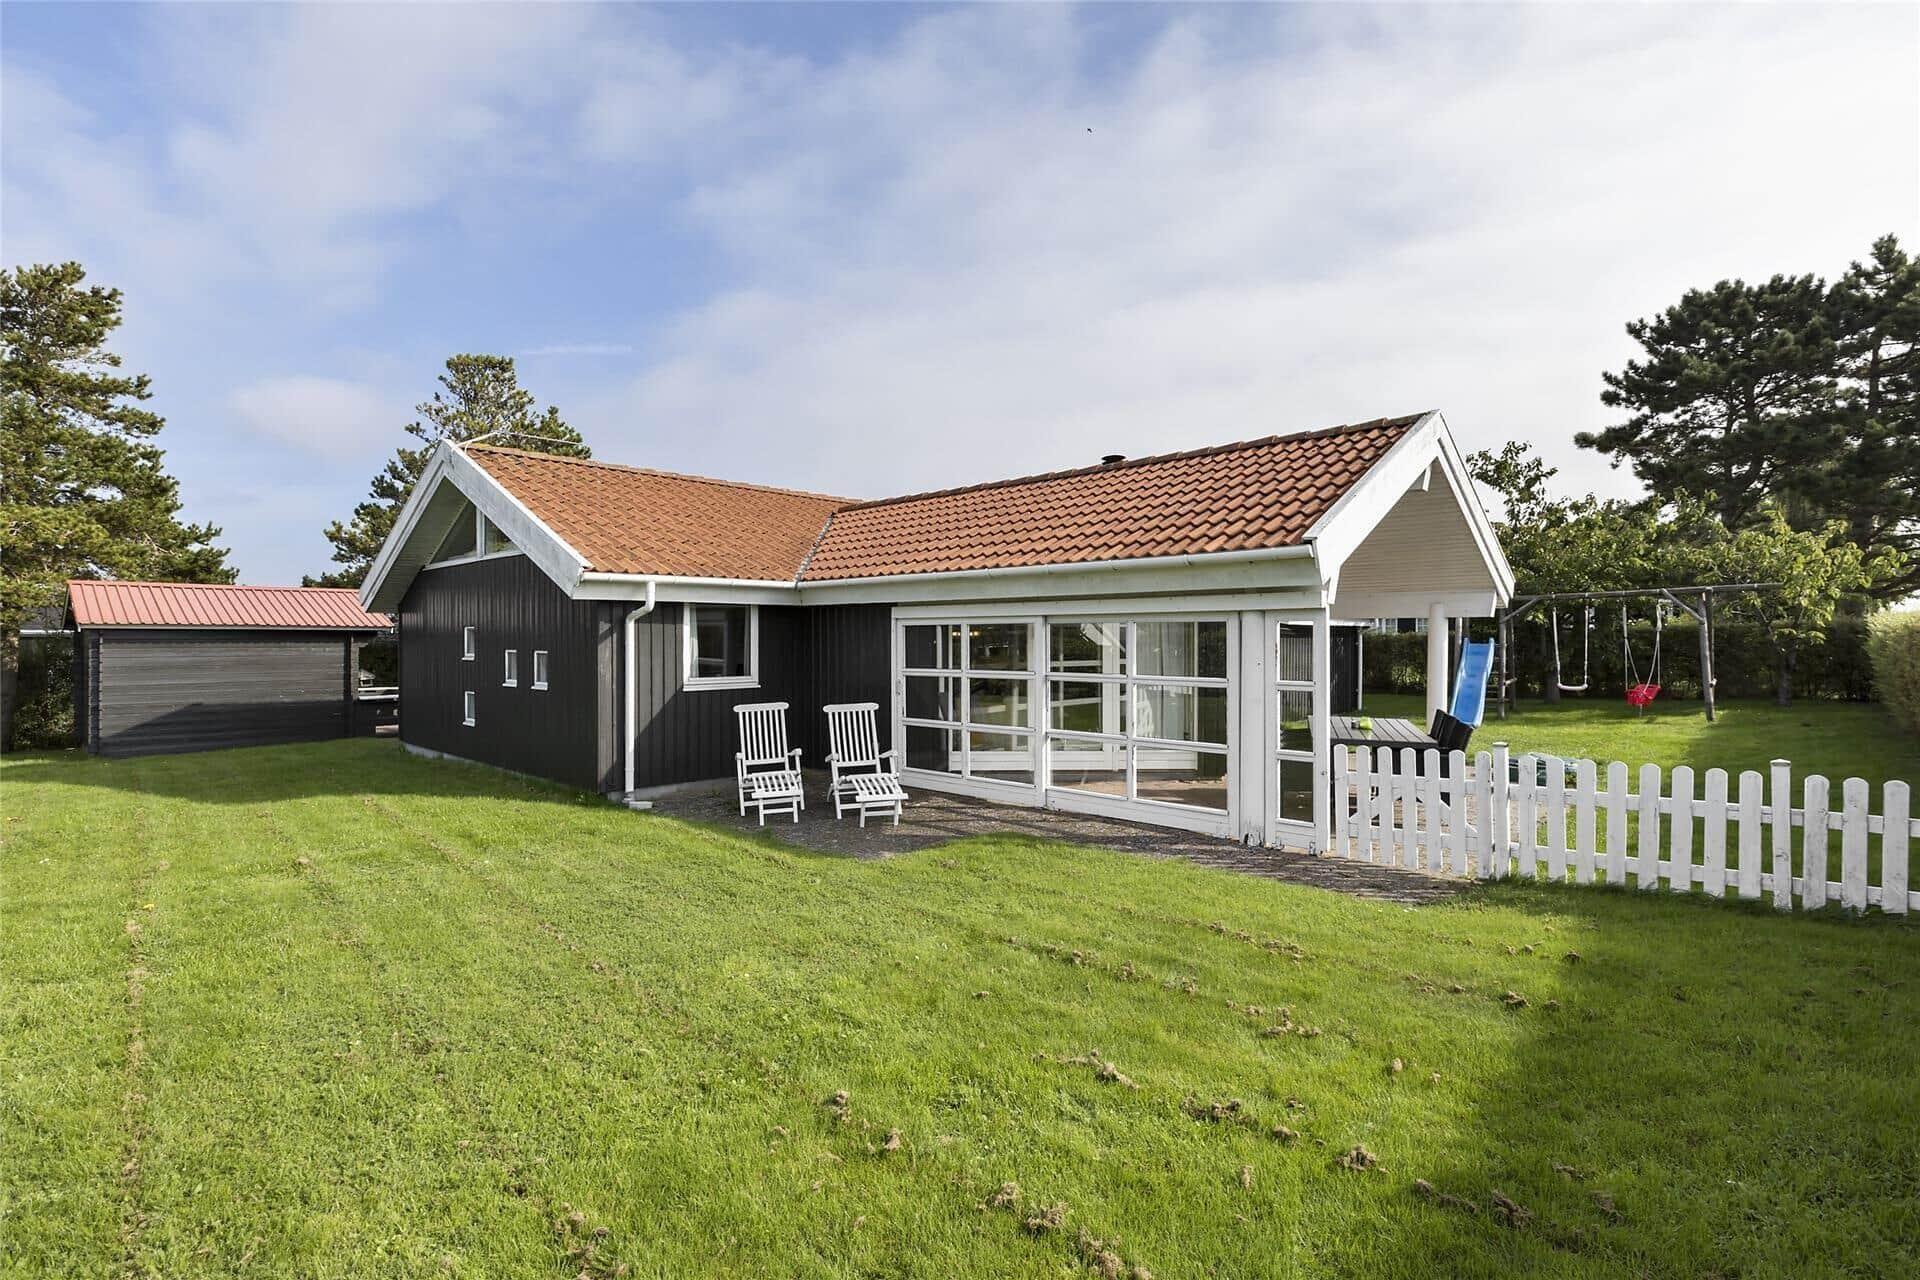 Billede 1-6 Sommerhus N272, Krageholmsvej 61, DK - 4736 Karrebæksminde